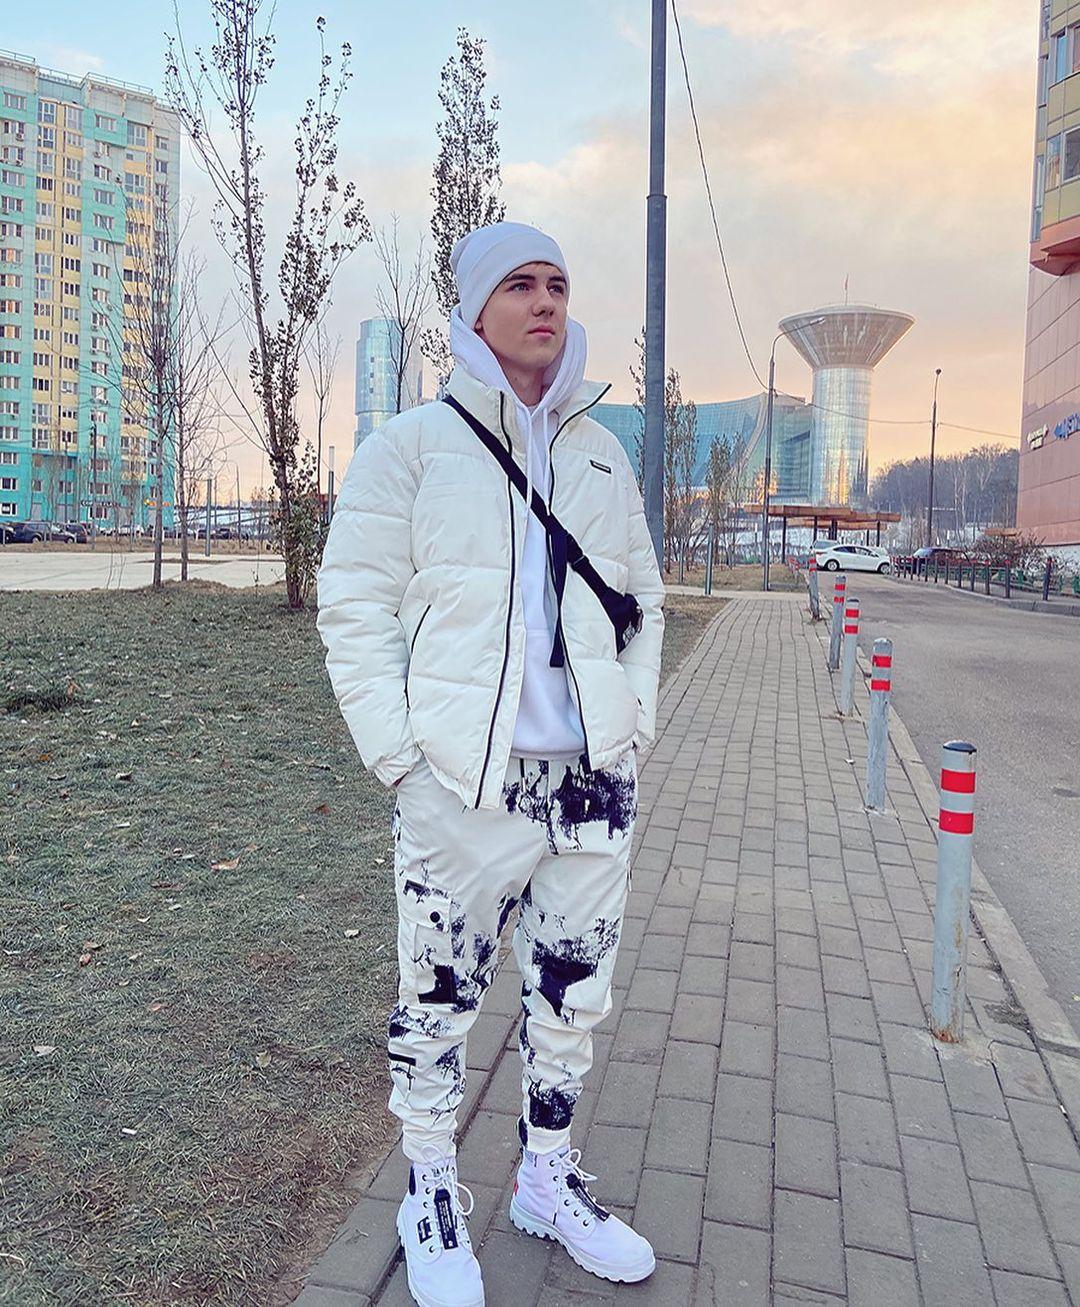 Участник шоу «Голос Дети 3» Кирилл Скрипник выпустил песню «Если бы»